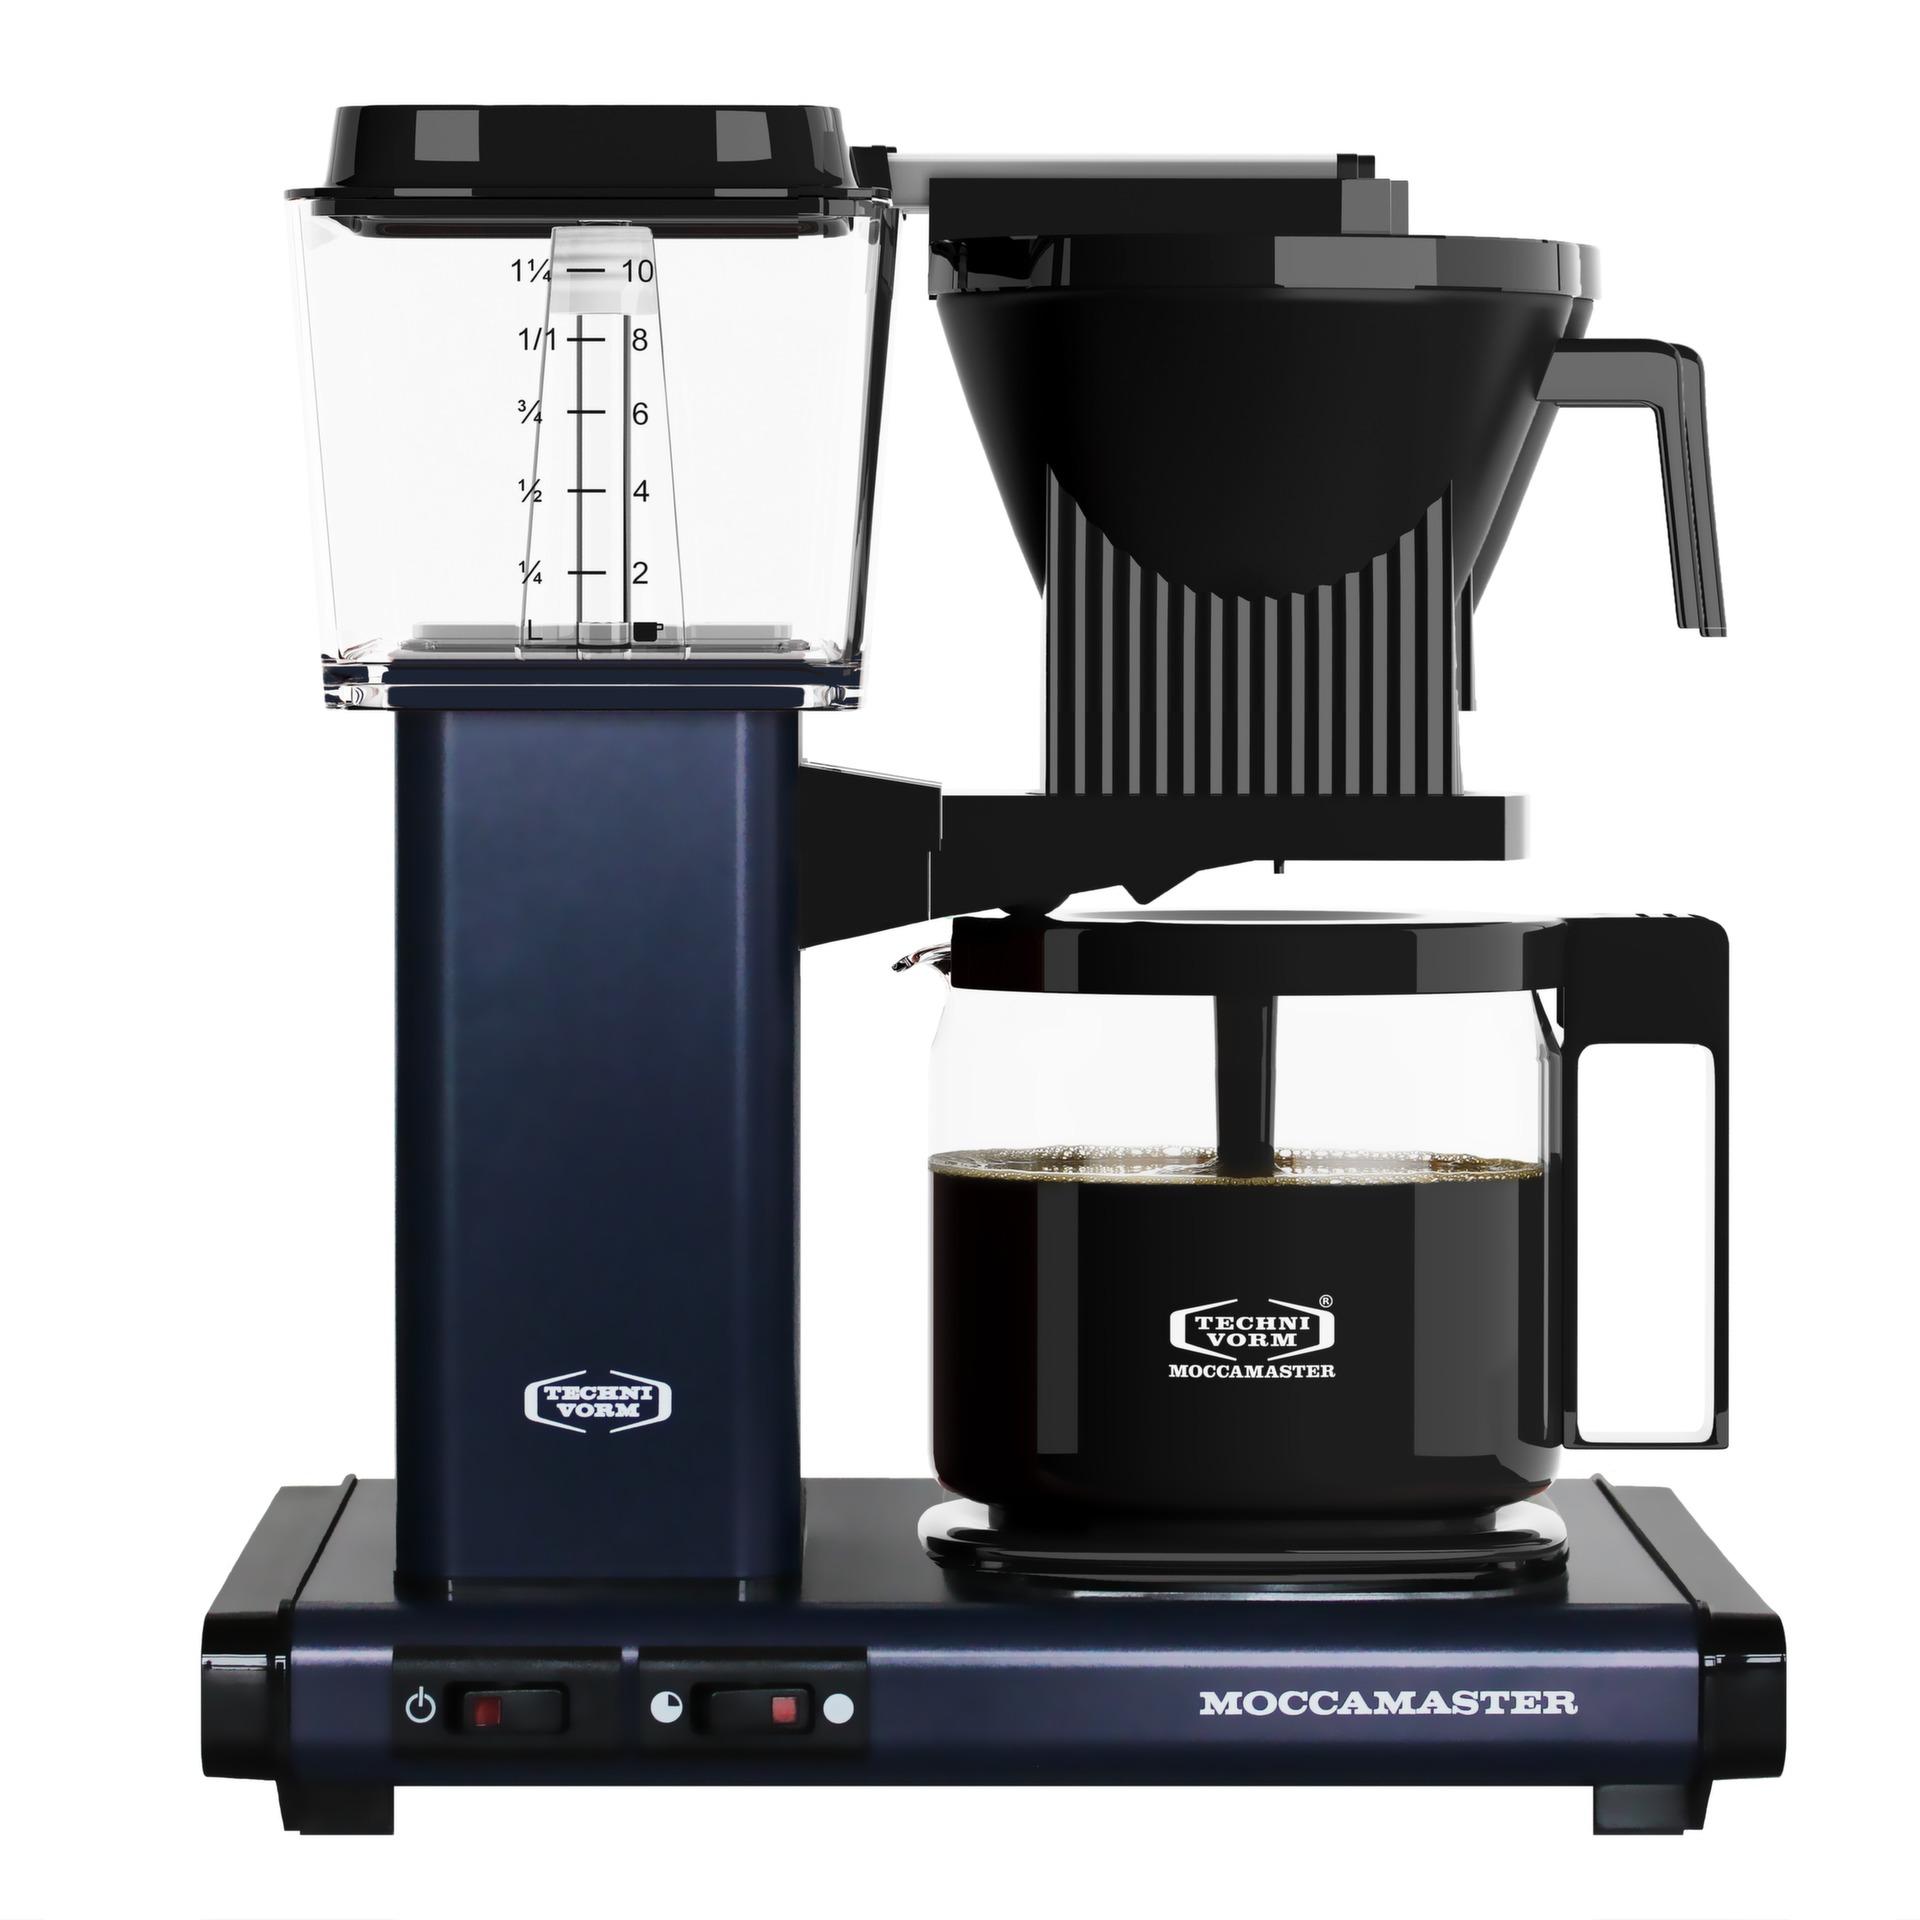 Moccamaster koffiefilter apparaat KBG741 AO donkerblauw